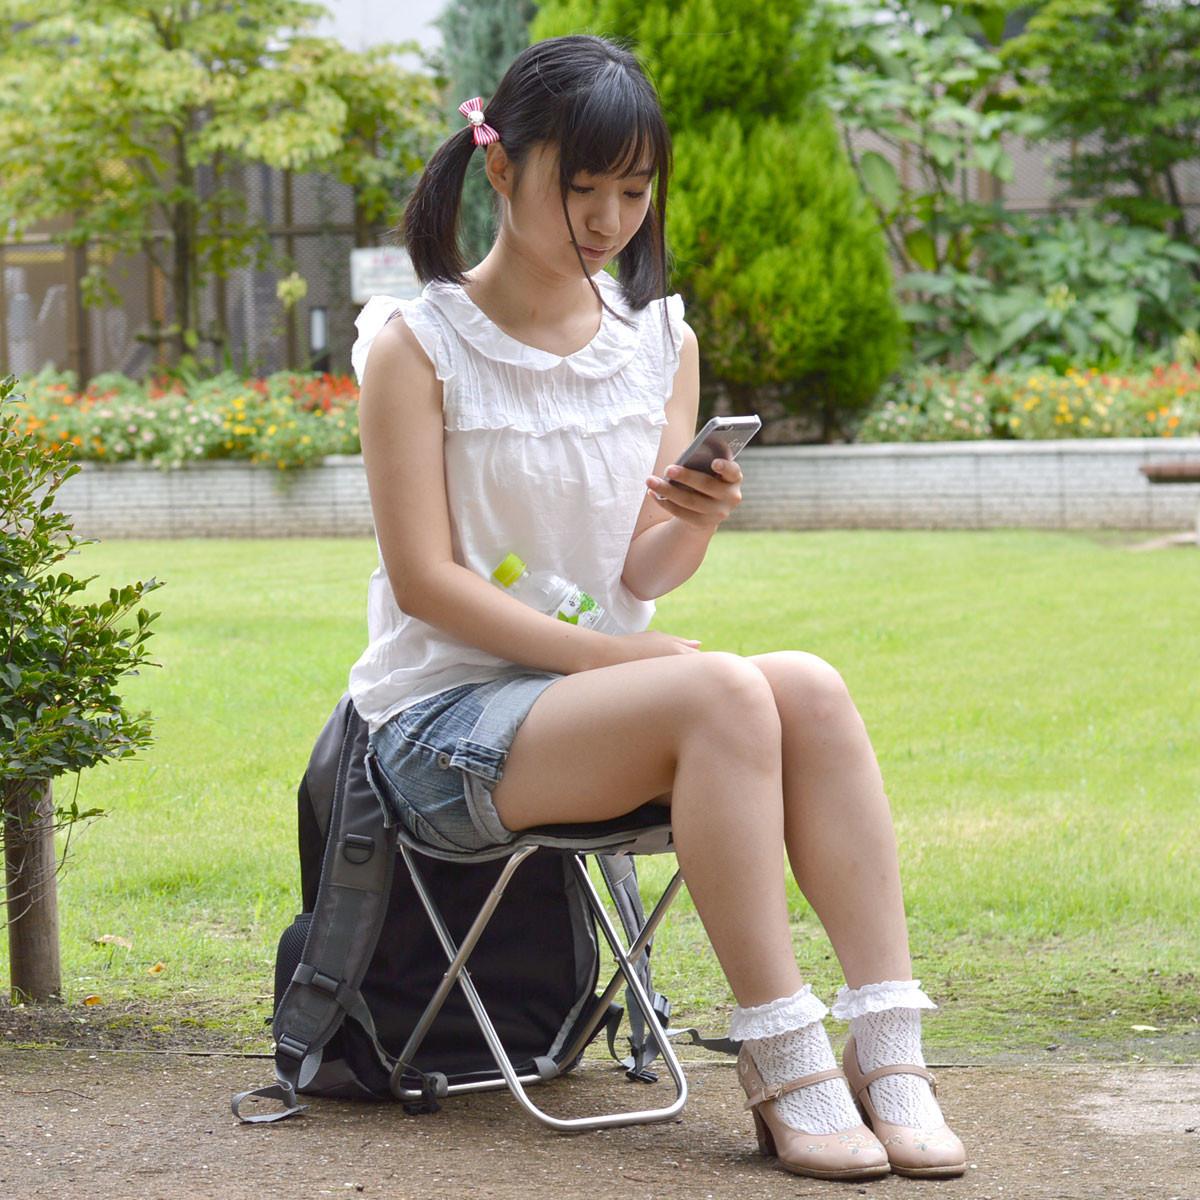 「隨時隨地坐」威力加強版,排隊買iPhone除了不用怕腳酸,還不用怕下雨 - 癮科技